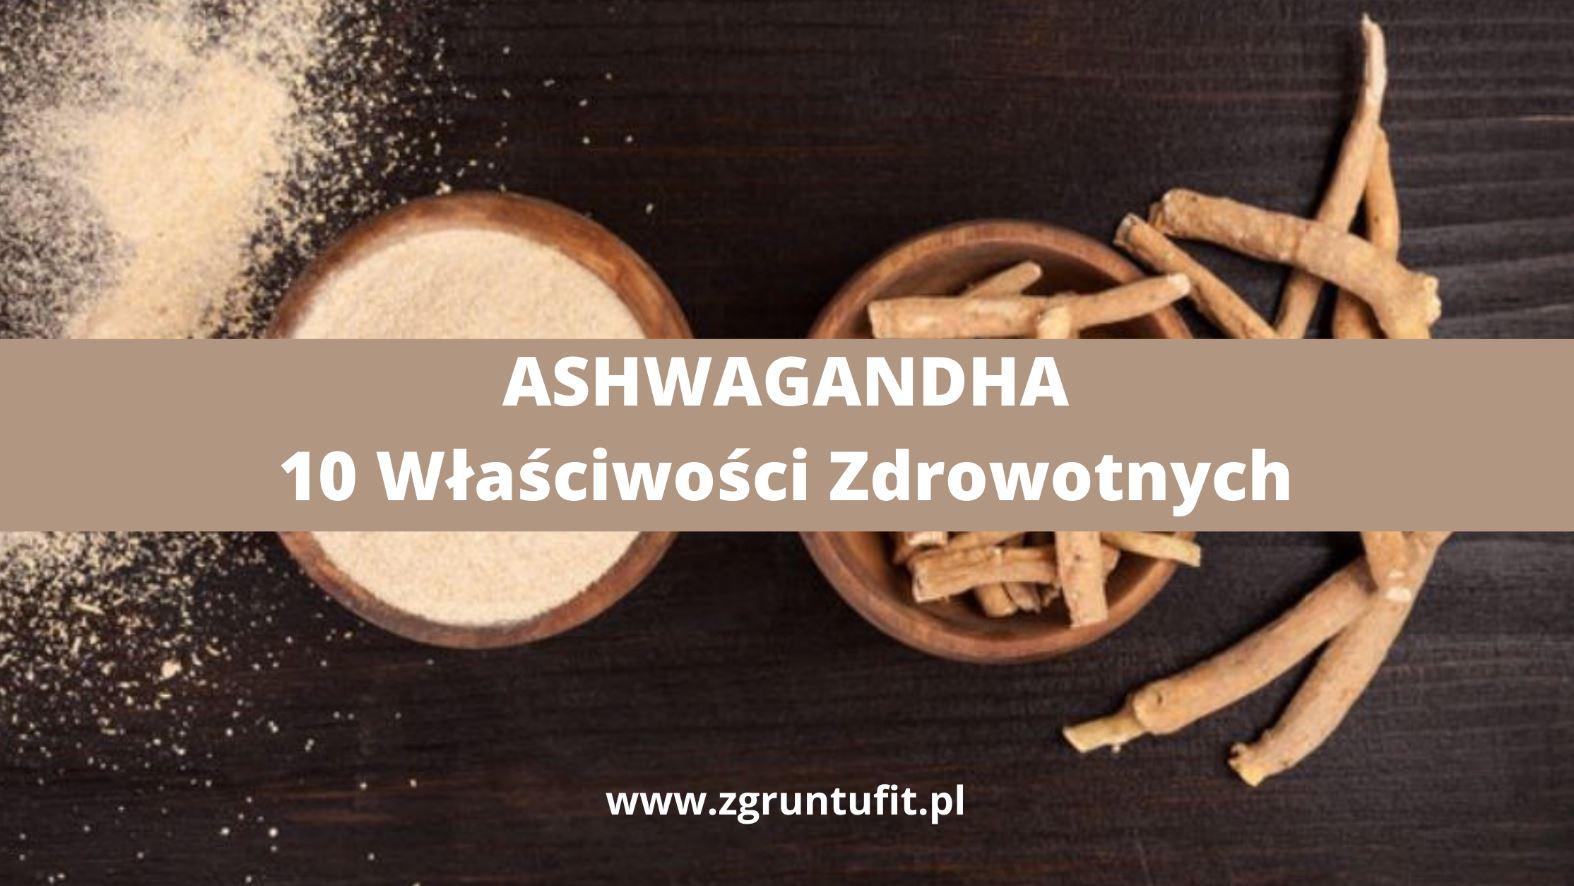 Ashwagandha – 10 Właściwości Zdrowotnych